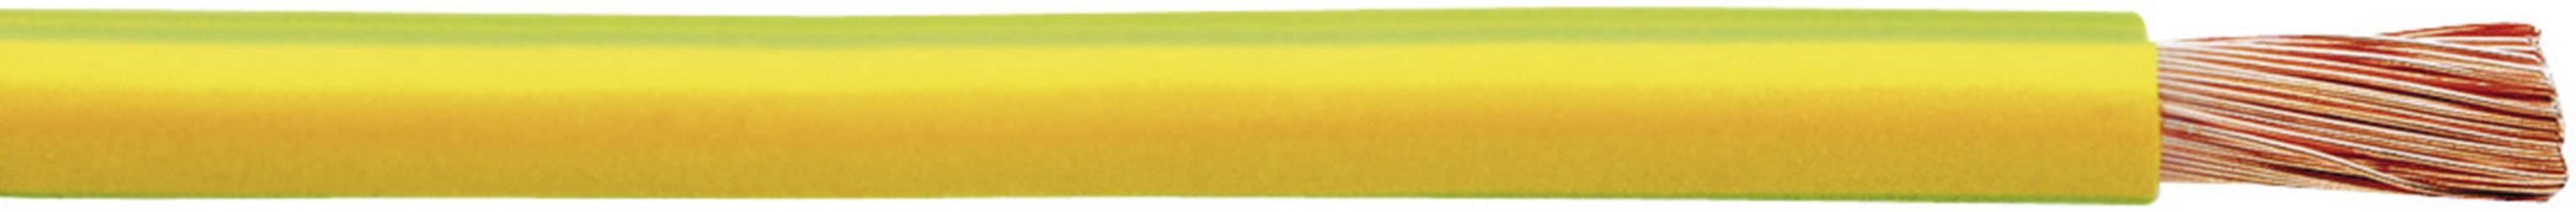 Pletenica H07V-K 1 x 4 mm, črna Faber Kabel 040067 100 m